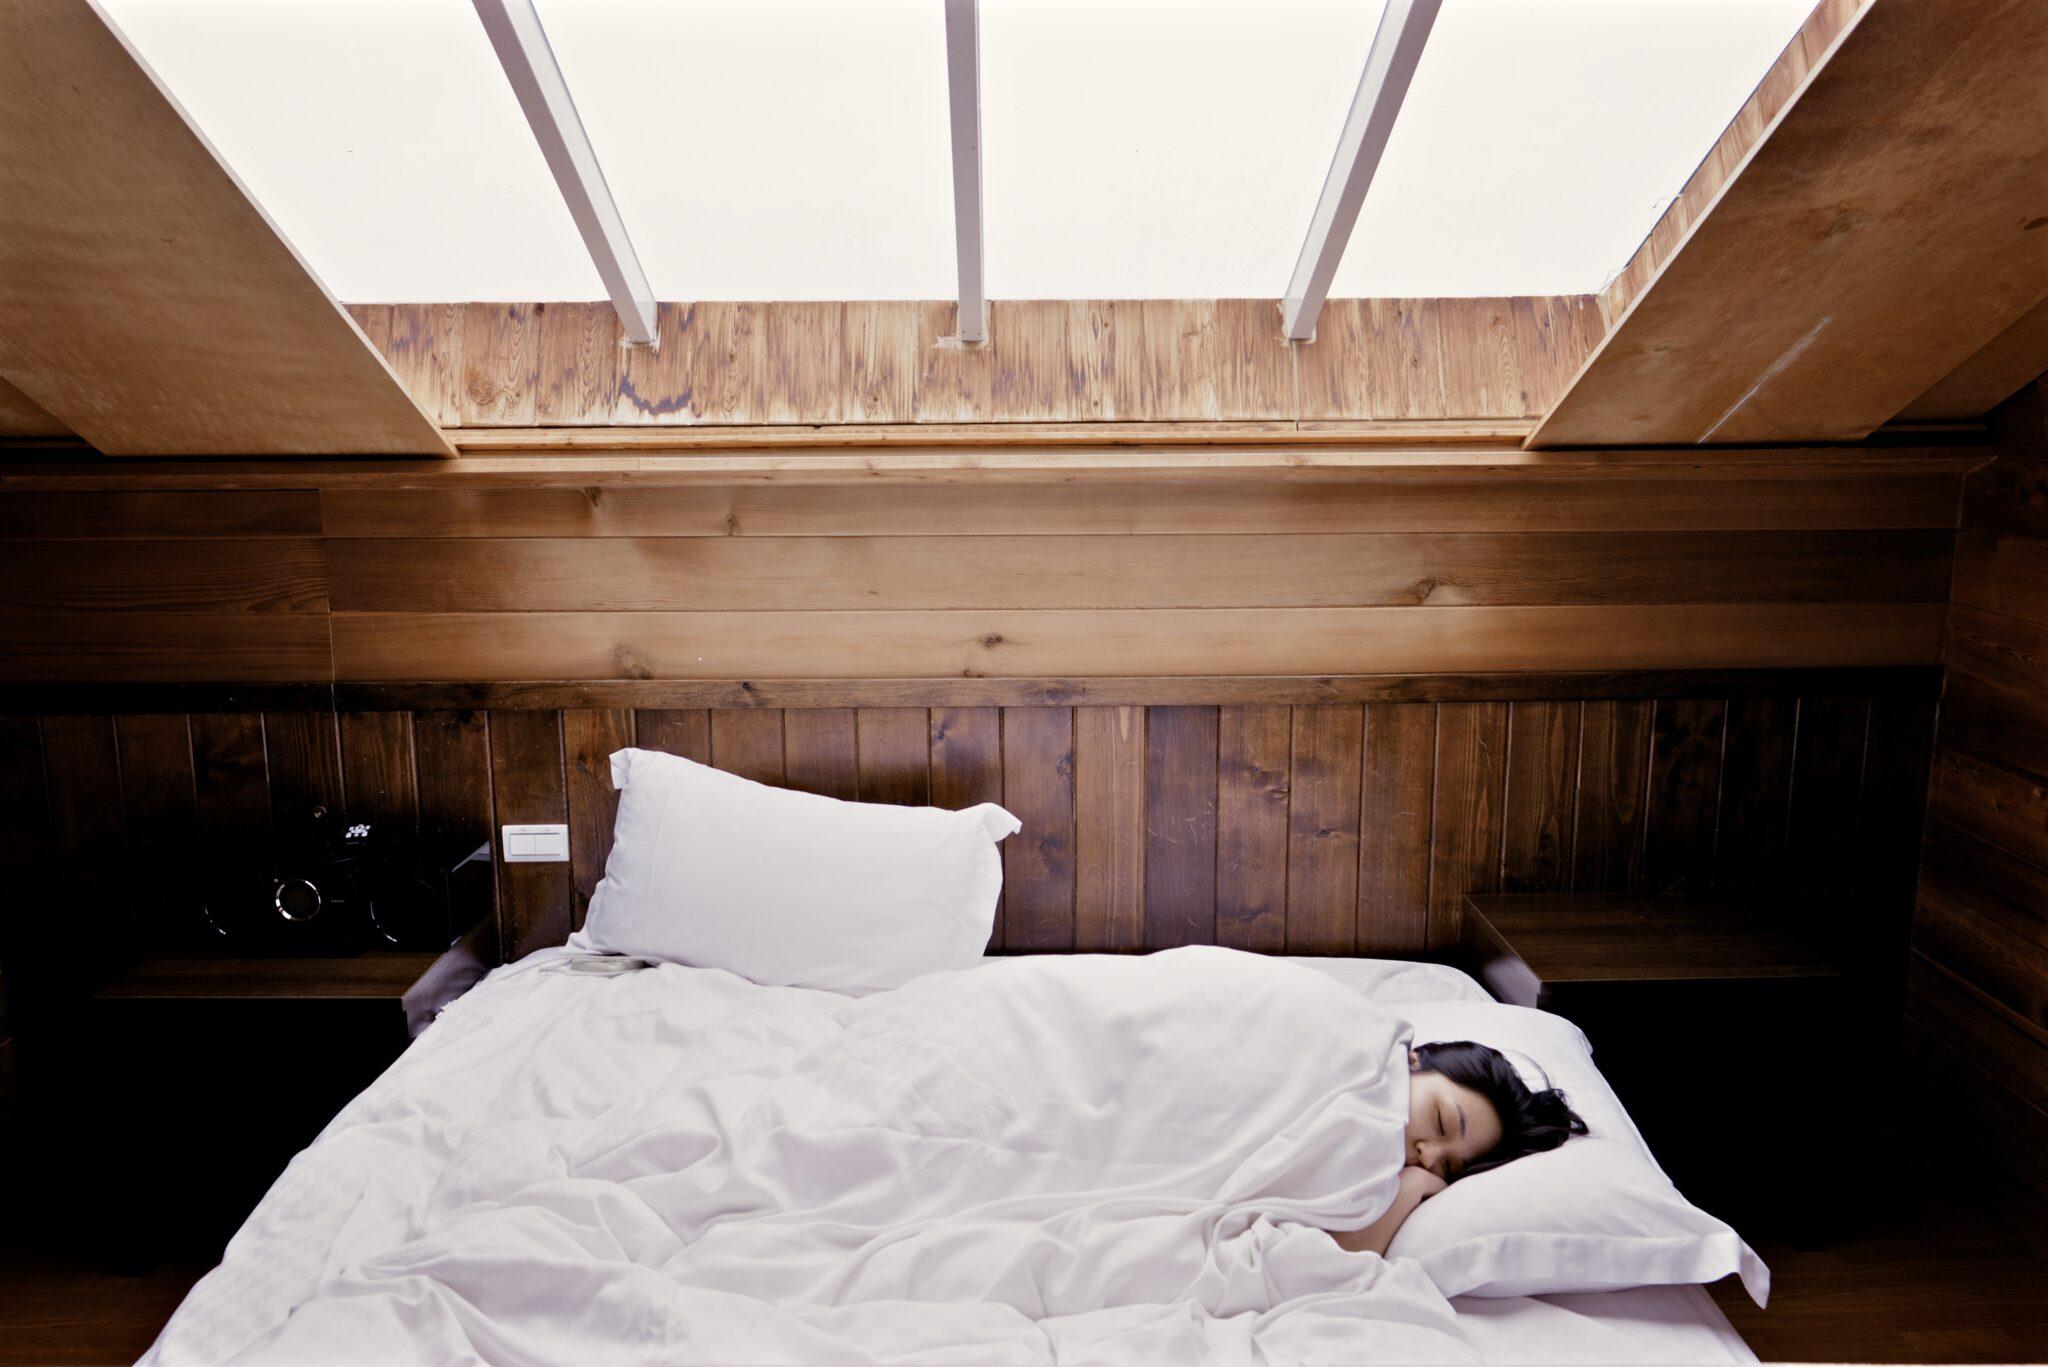 Schlafende Frau quer im Bett unter einem grossen Fenster